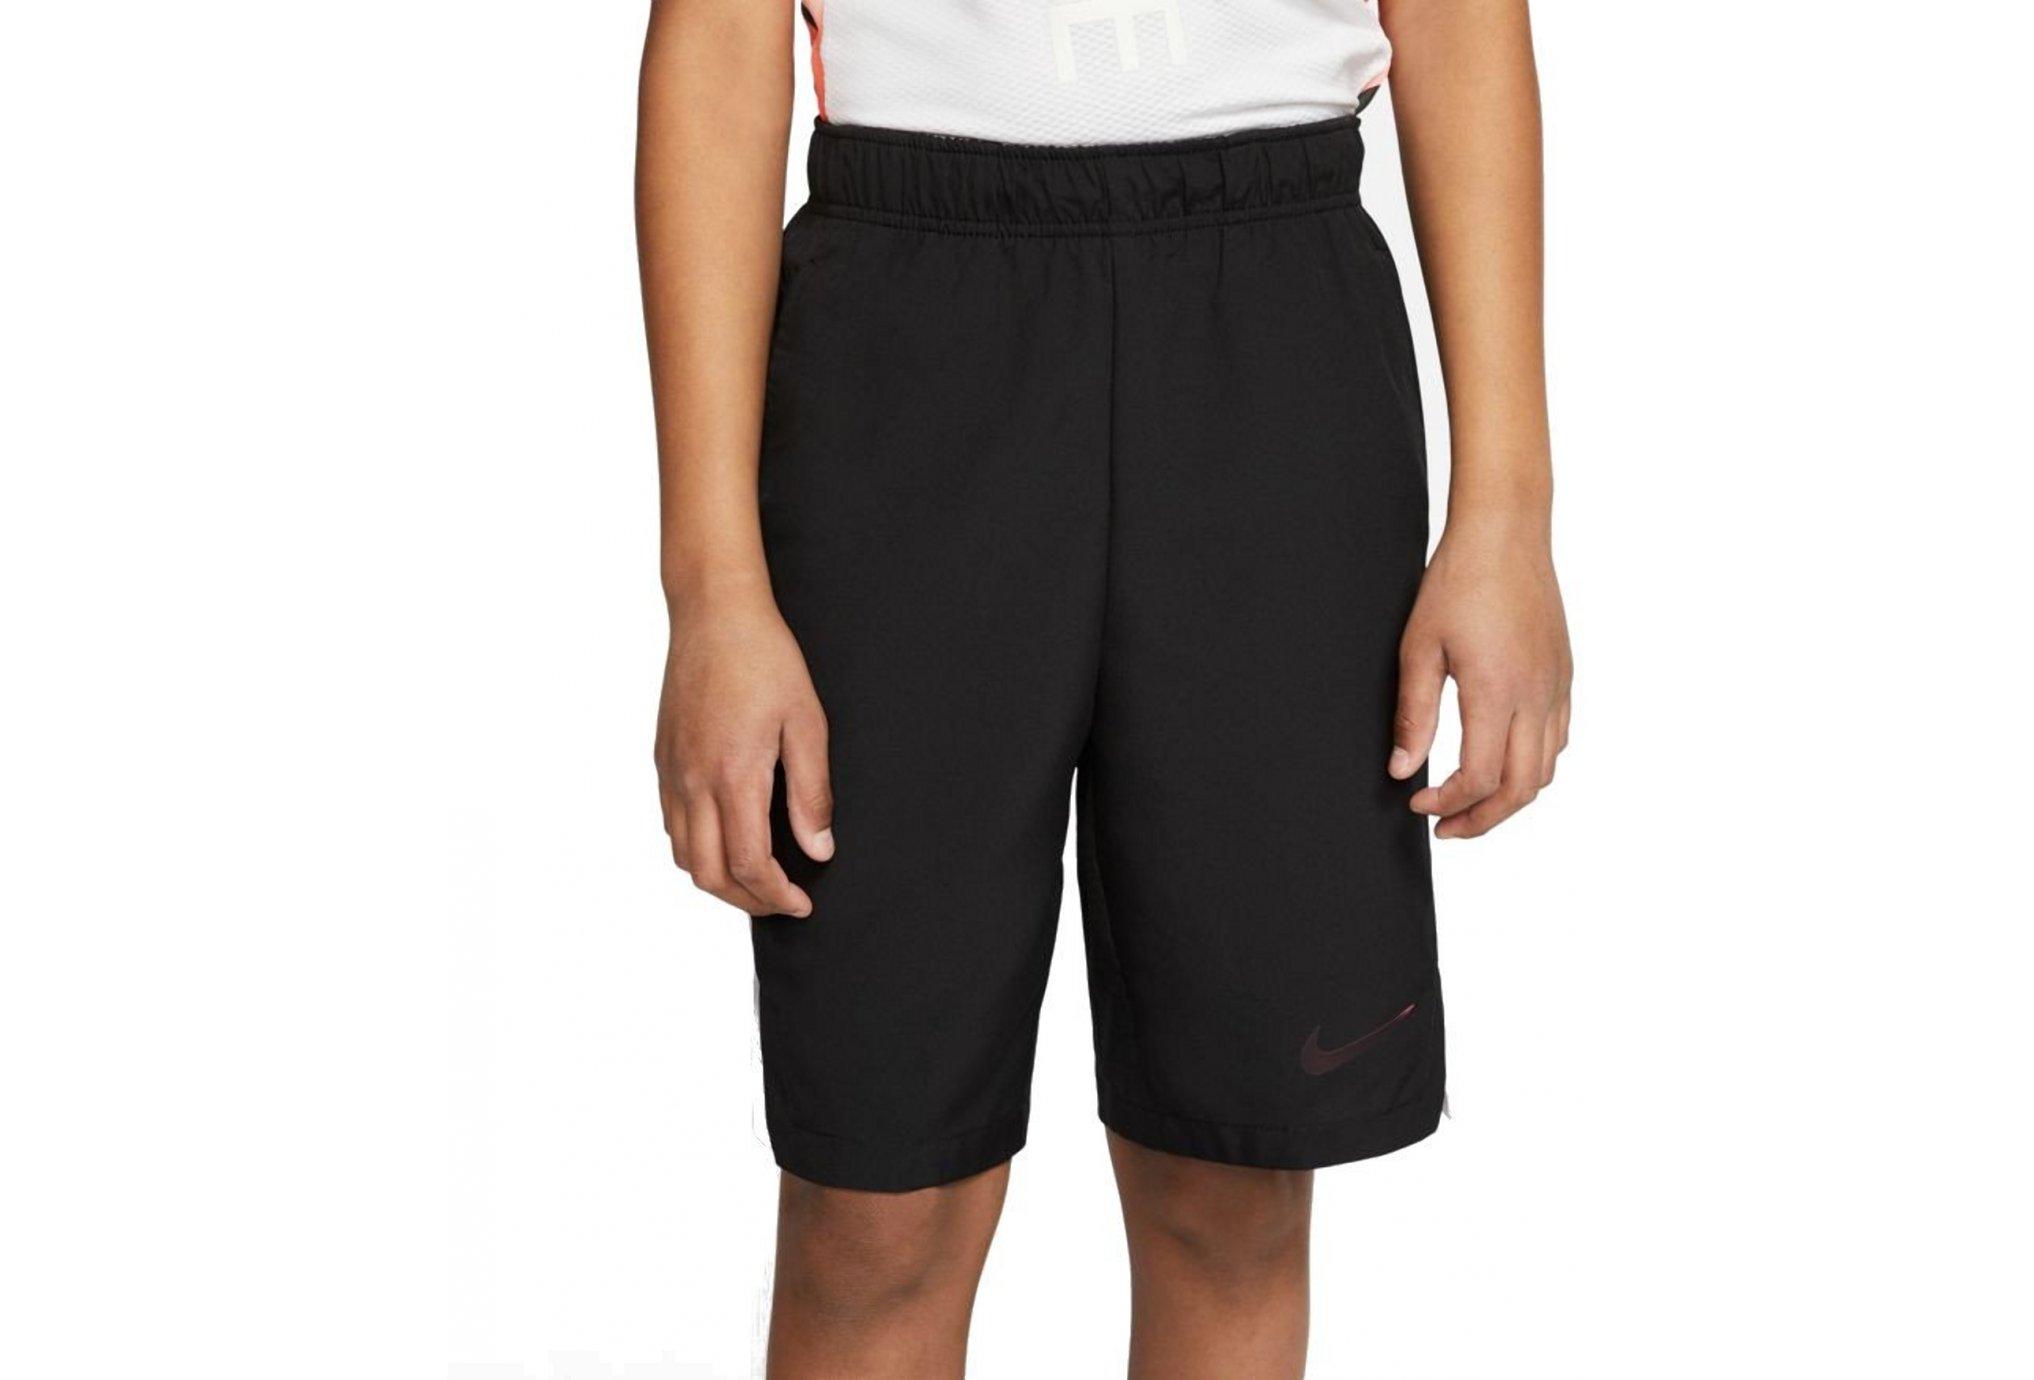 Nike Woven Vent Junior vêtement running homme